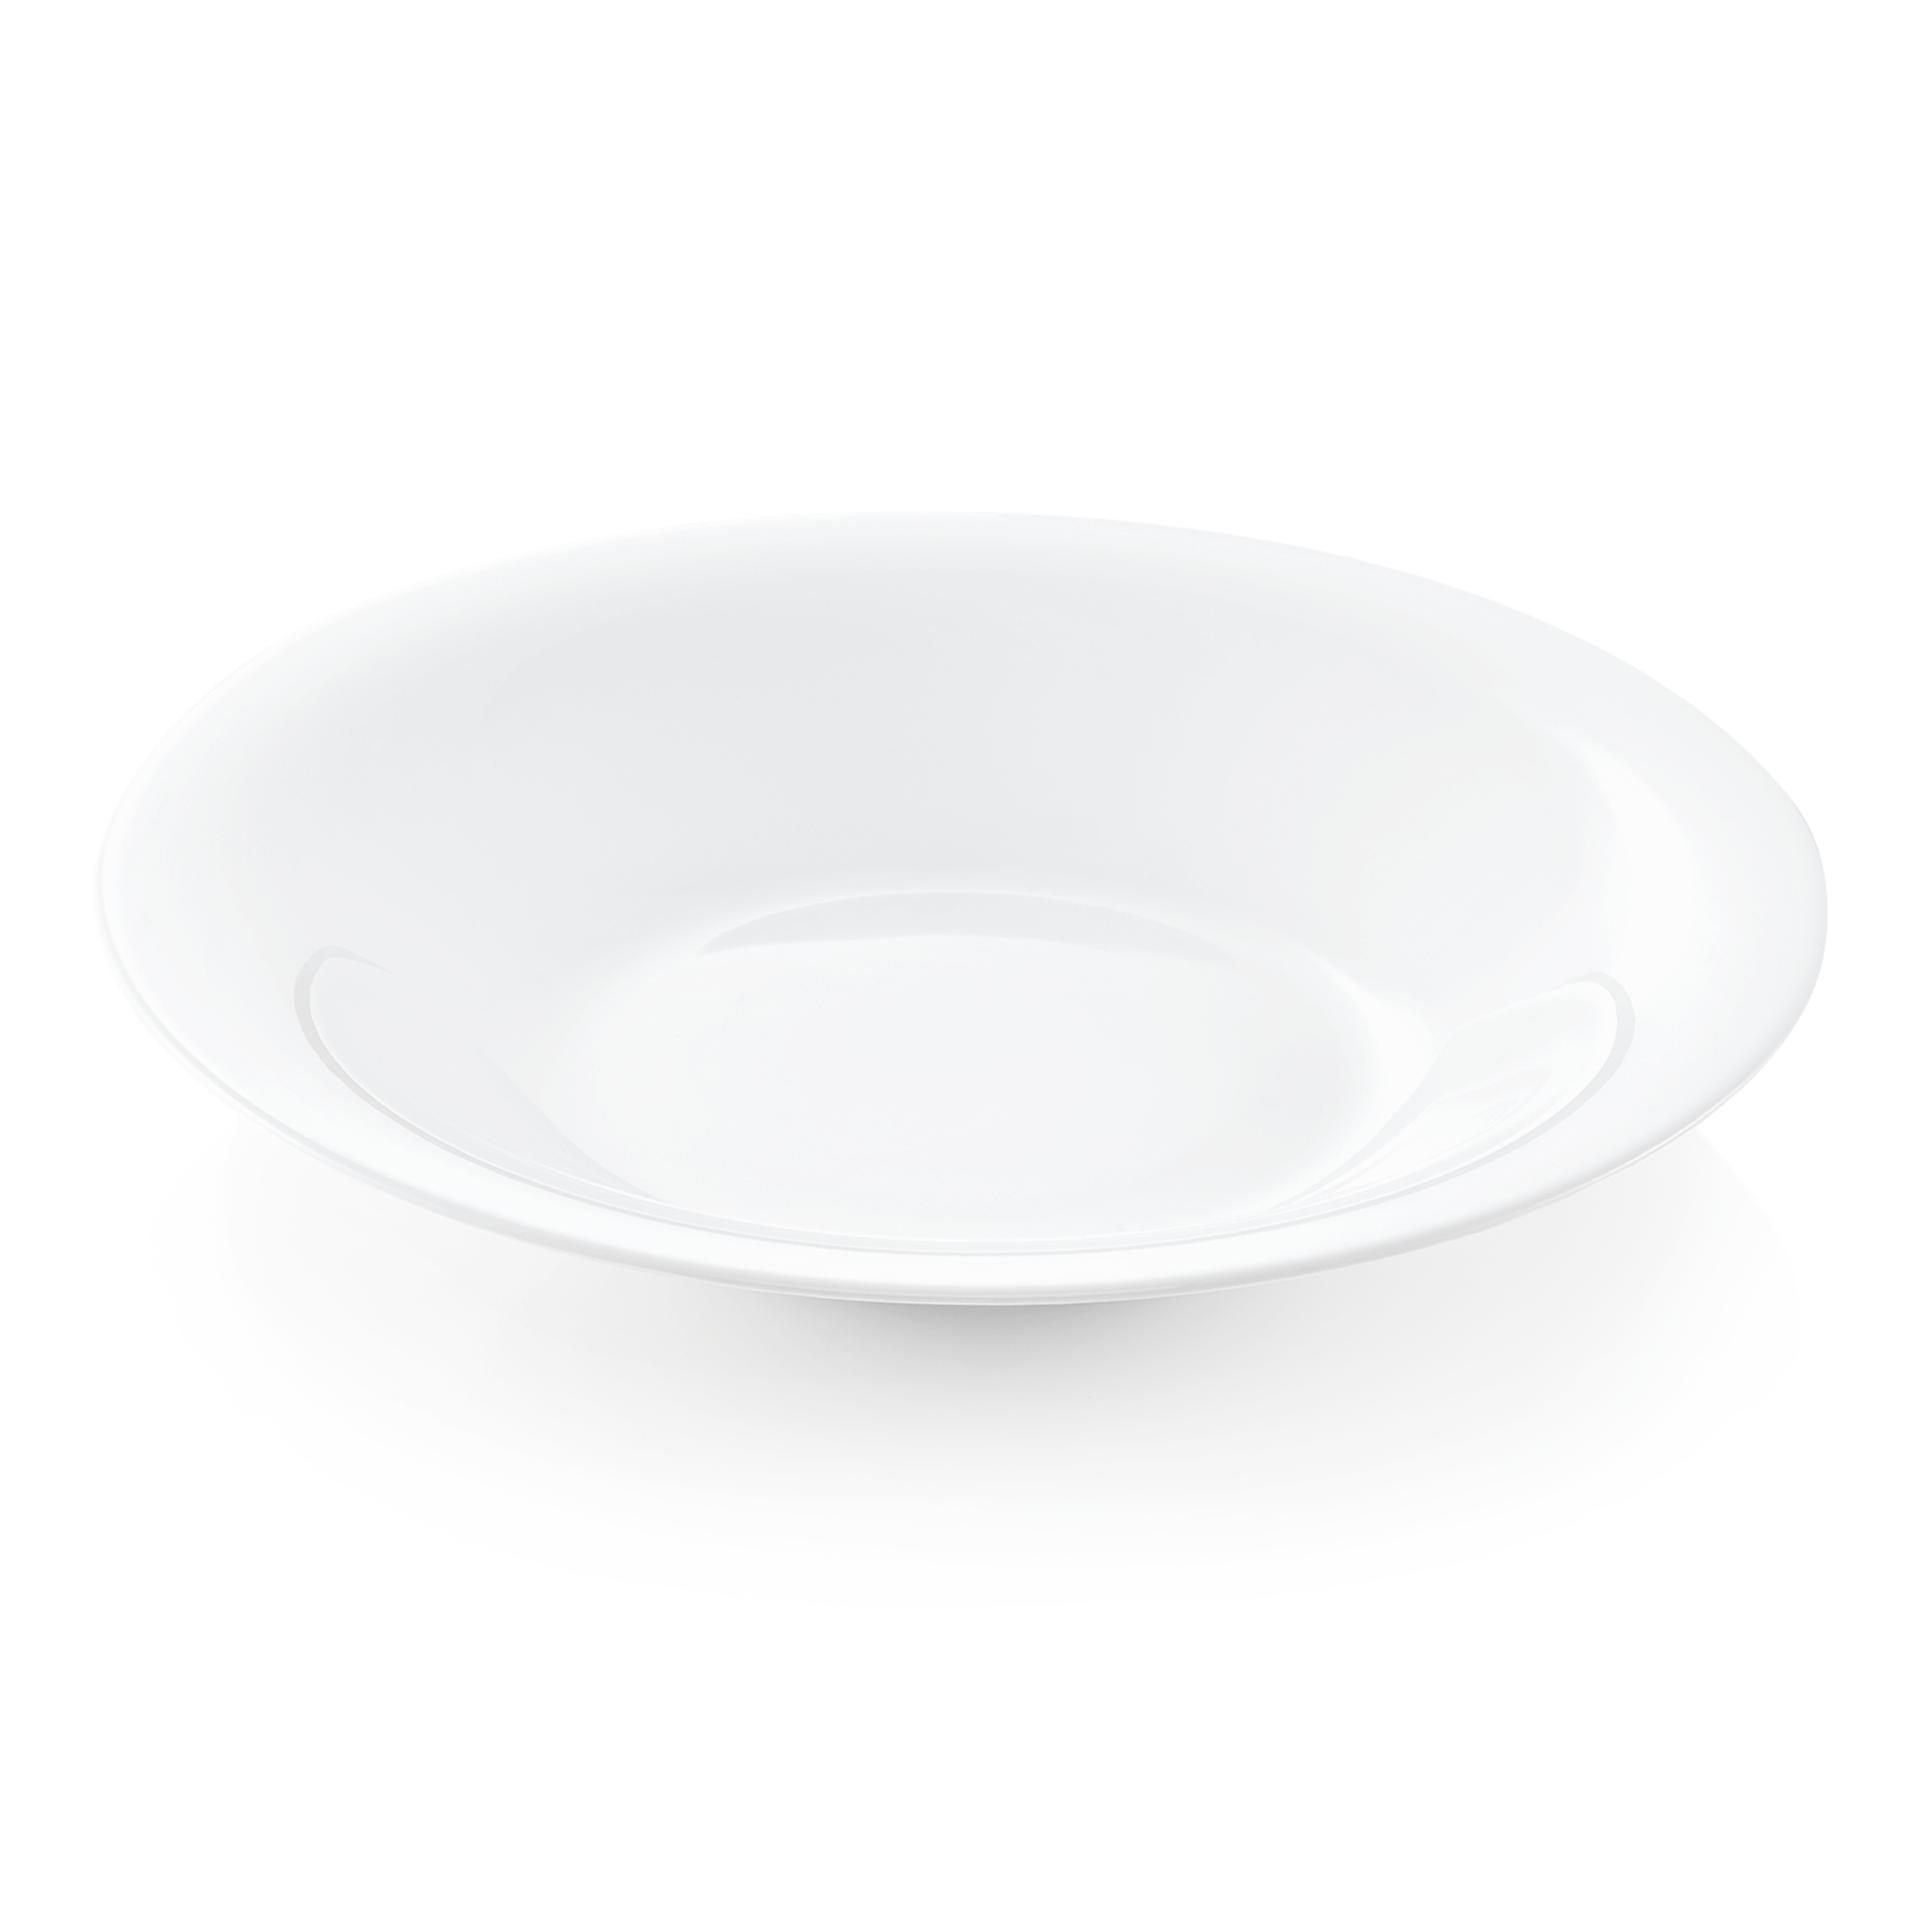 opalglas teller tief 22 5 cm gastro billig gastronomie und hotelbedarf g nstig kaufen